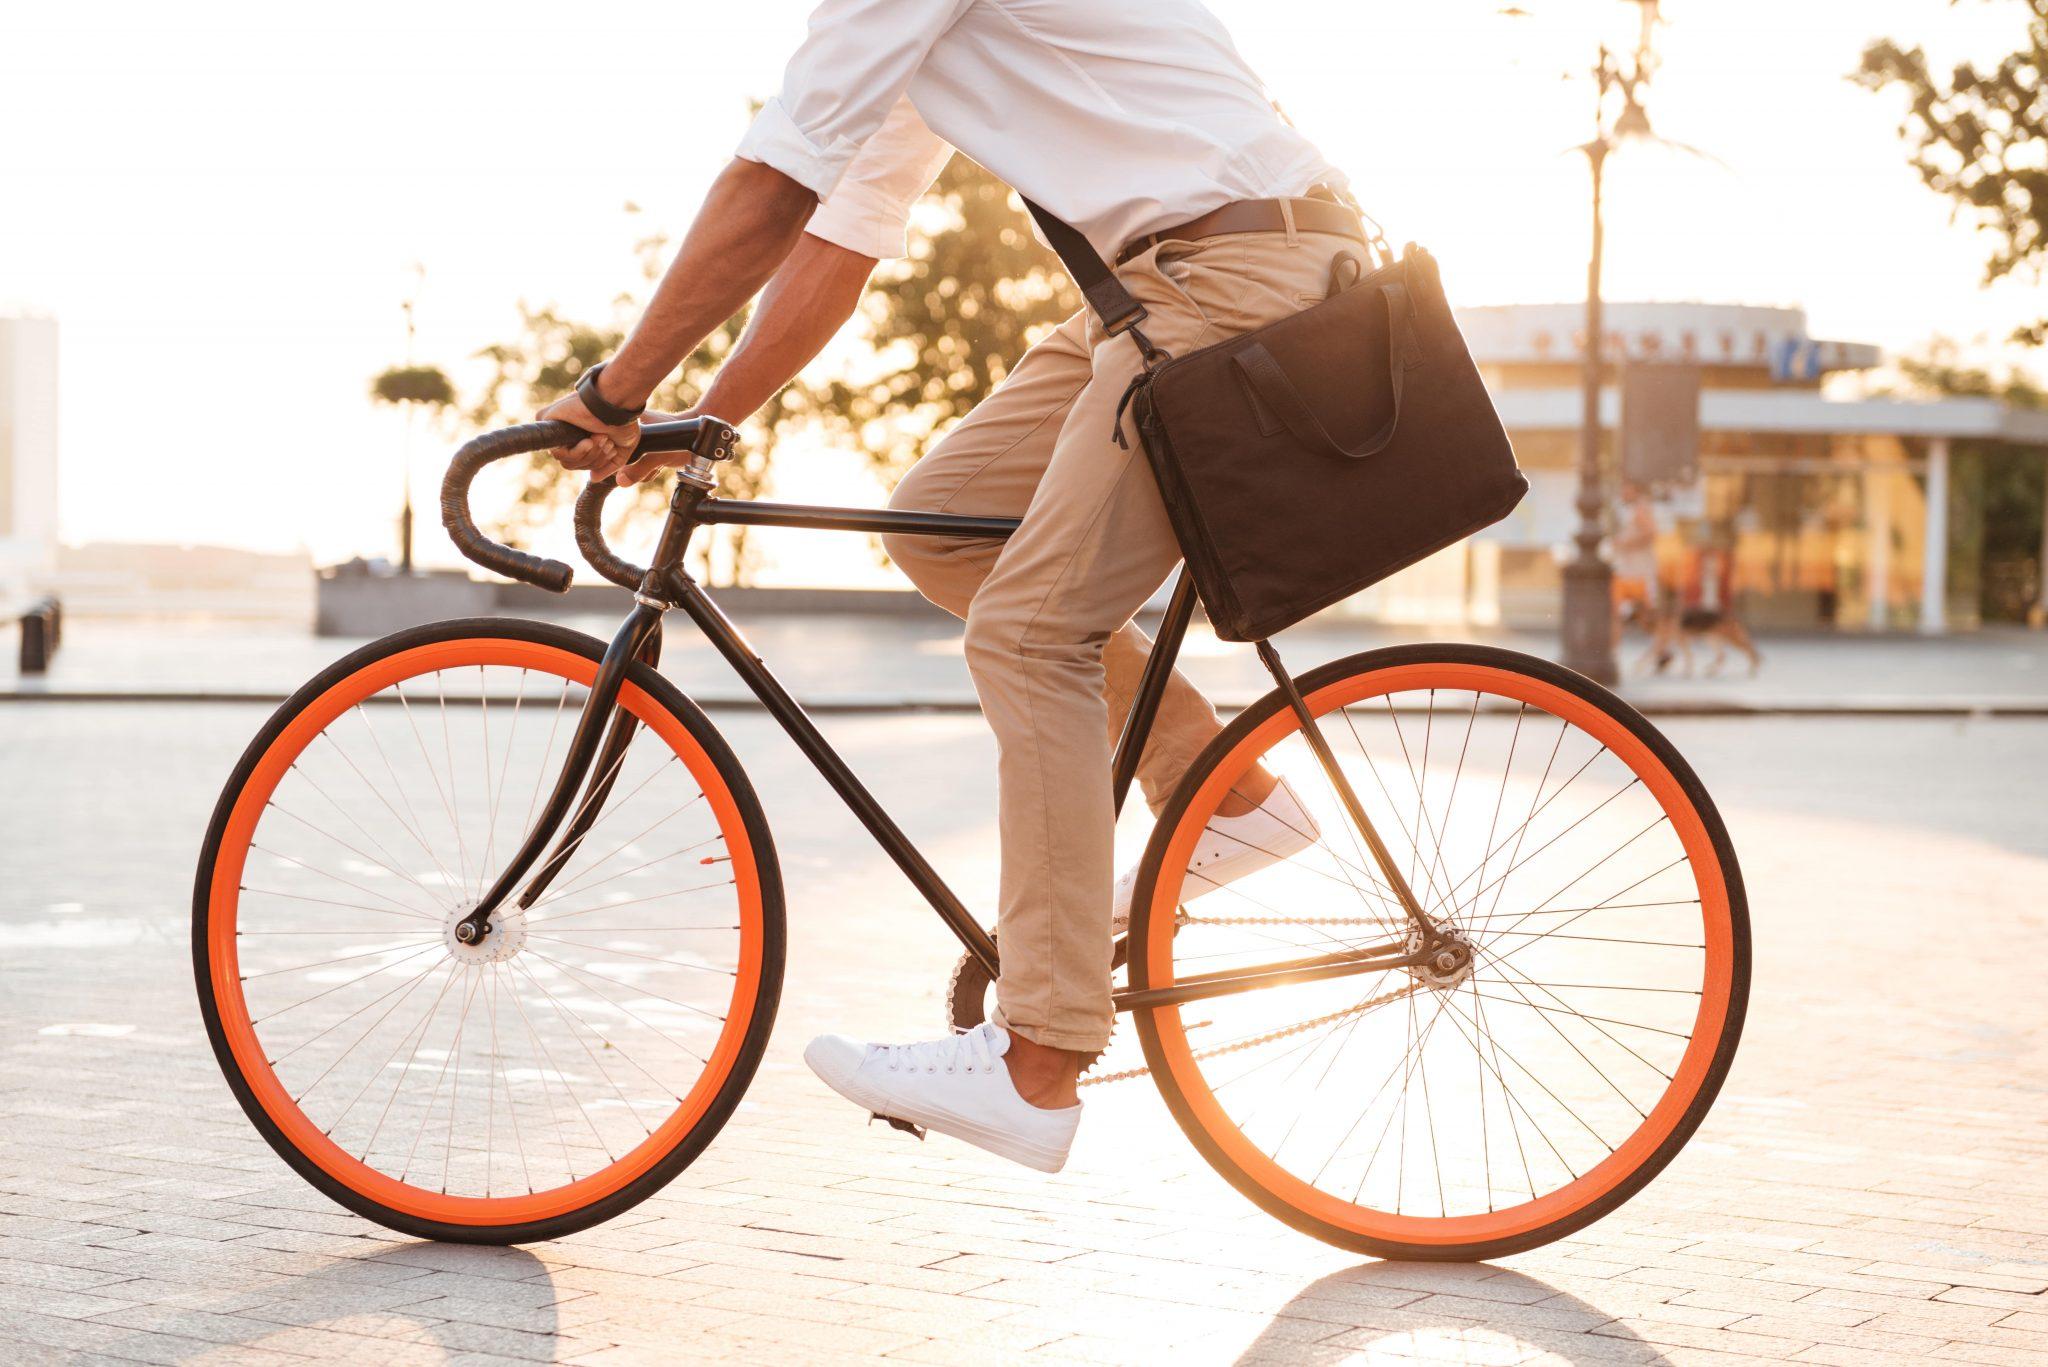 Με τα πόδια ή με ποδήλατο στη δουλειά για καλύτερη υγεία